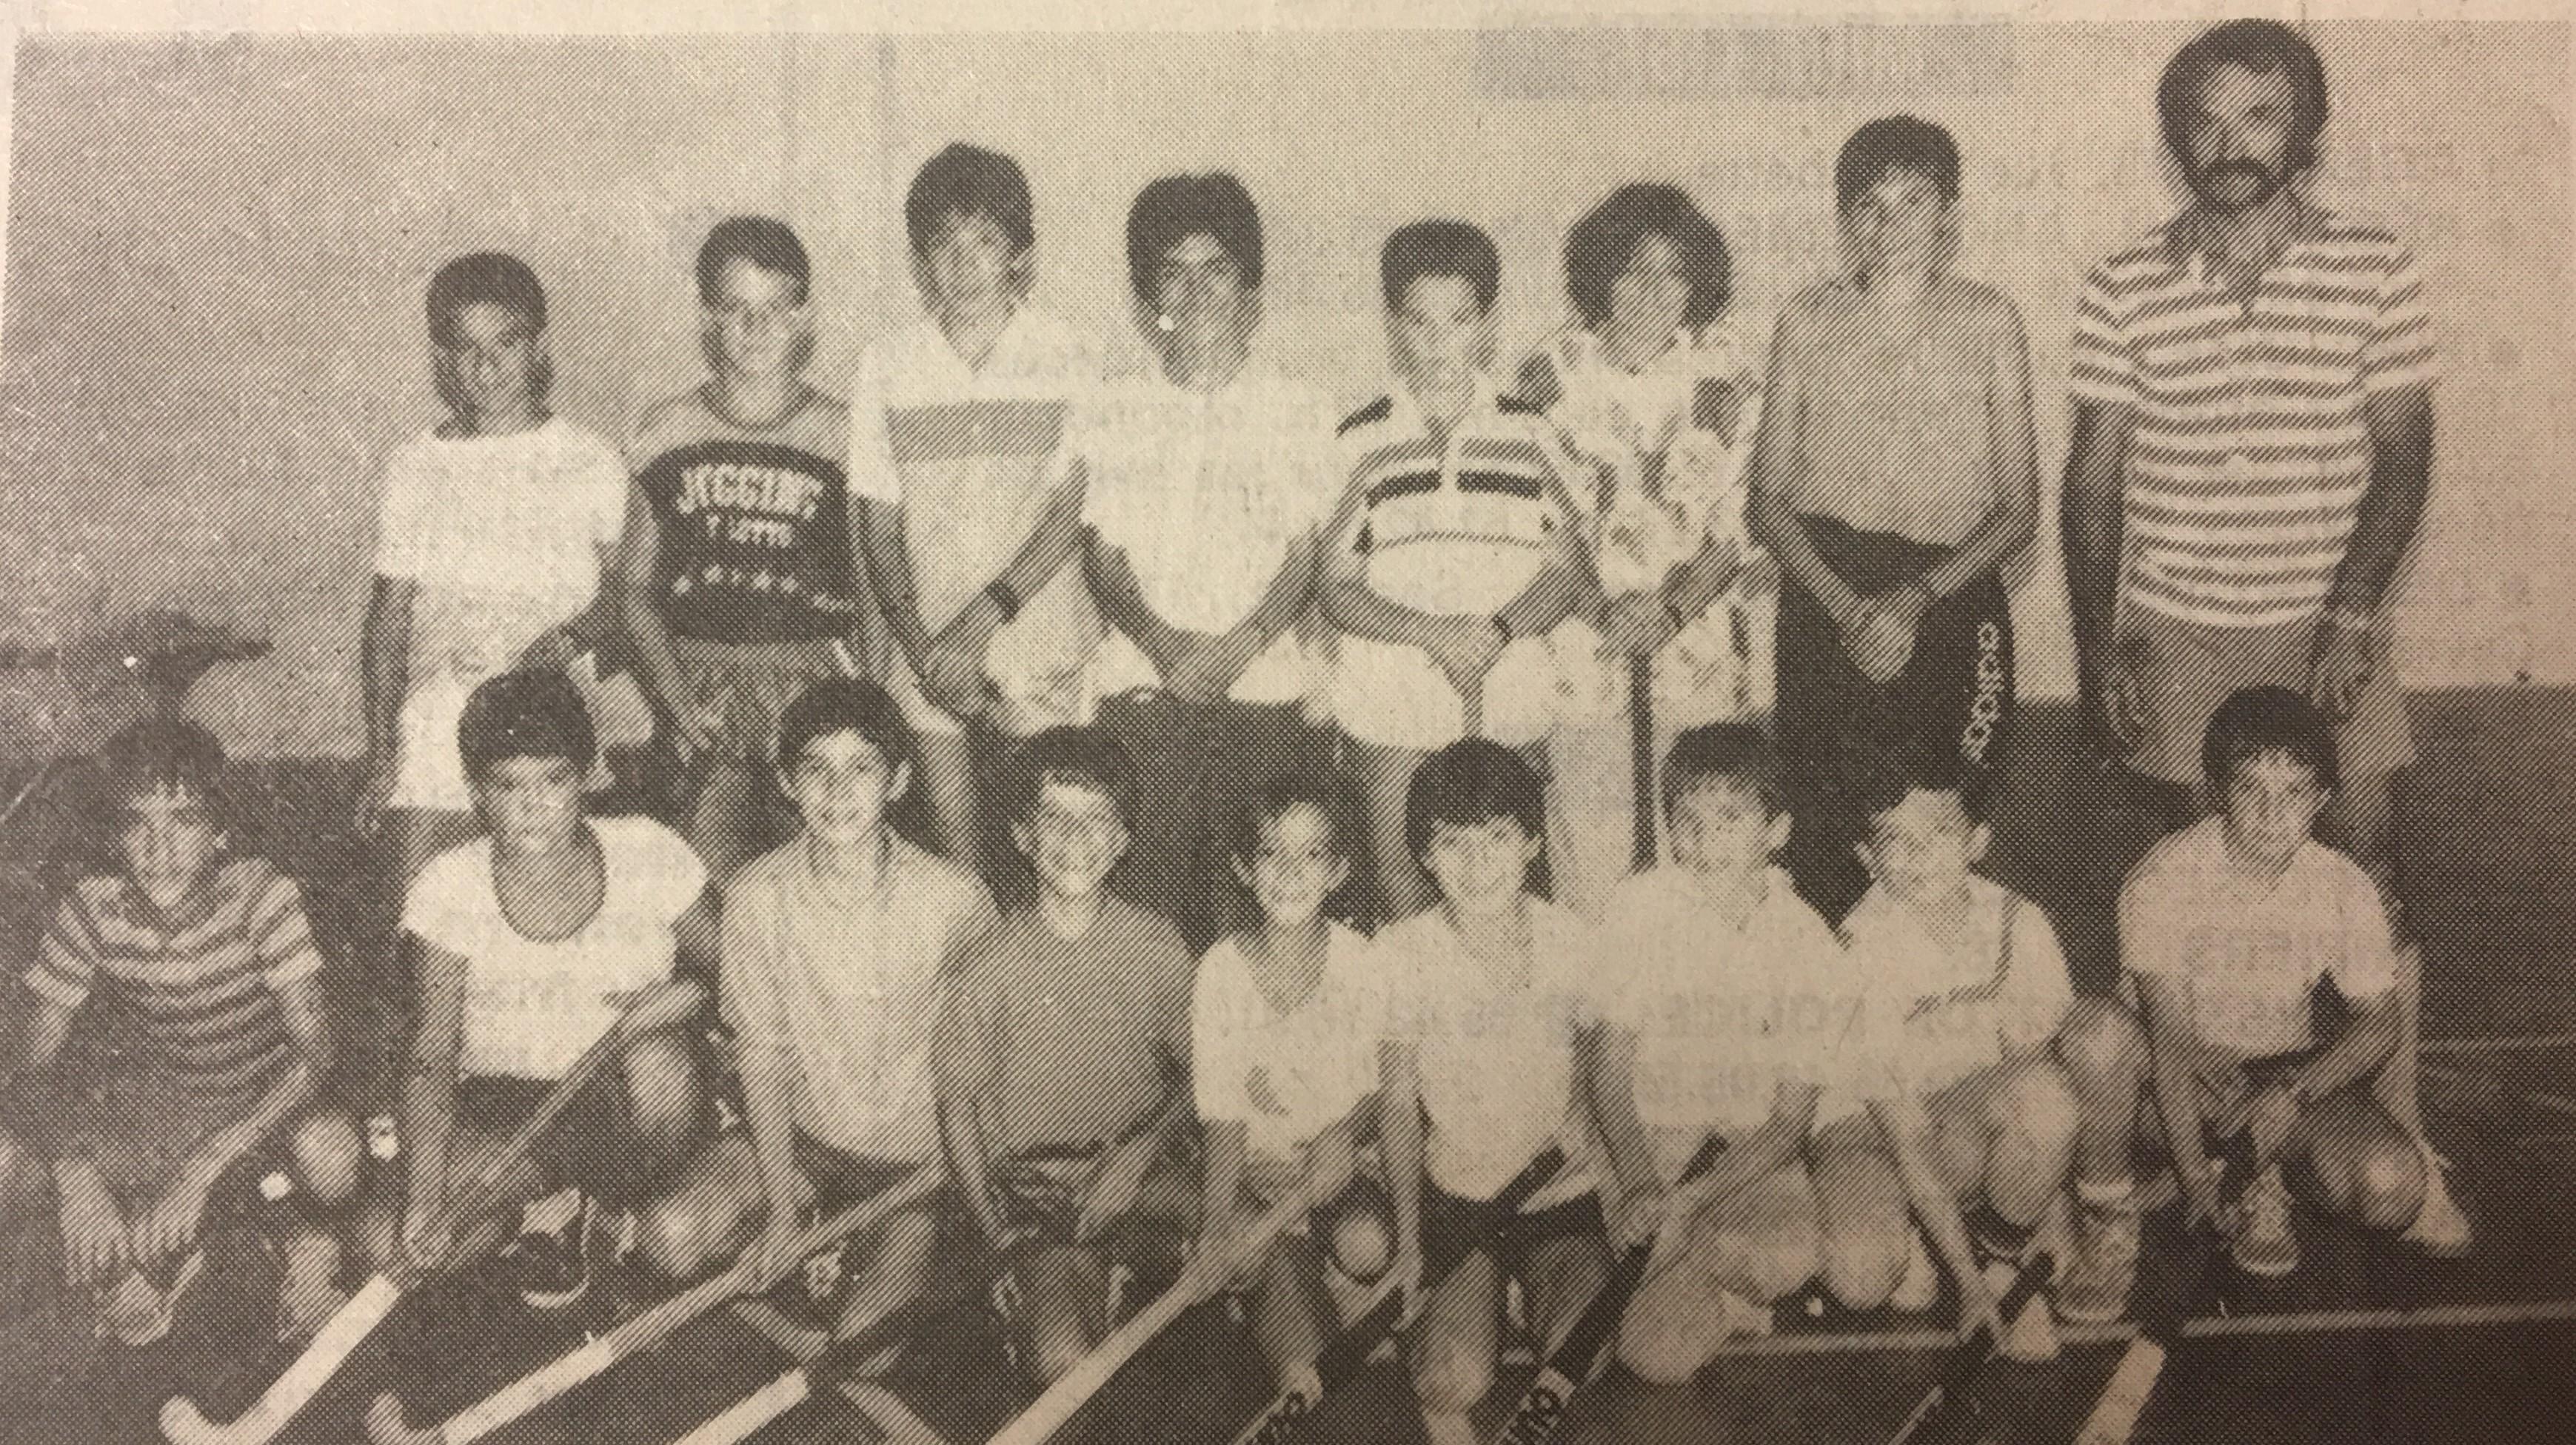 Ecole hockey-1986